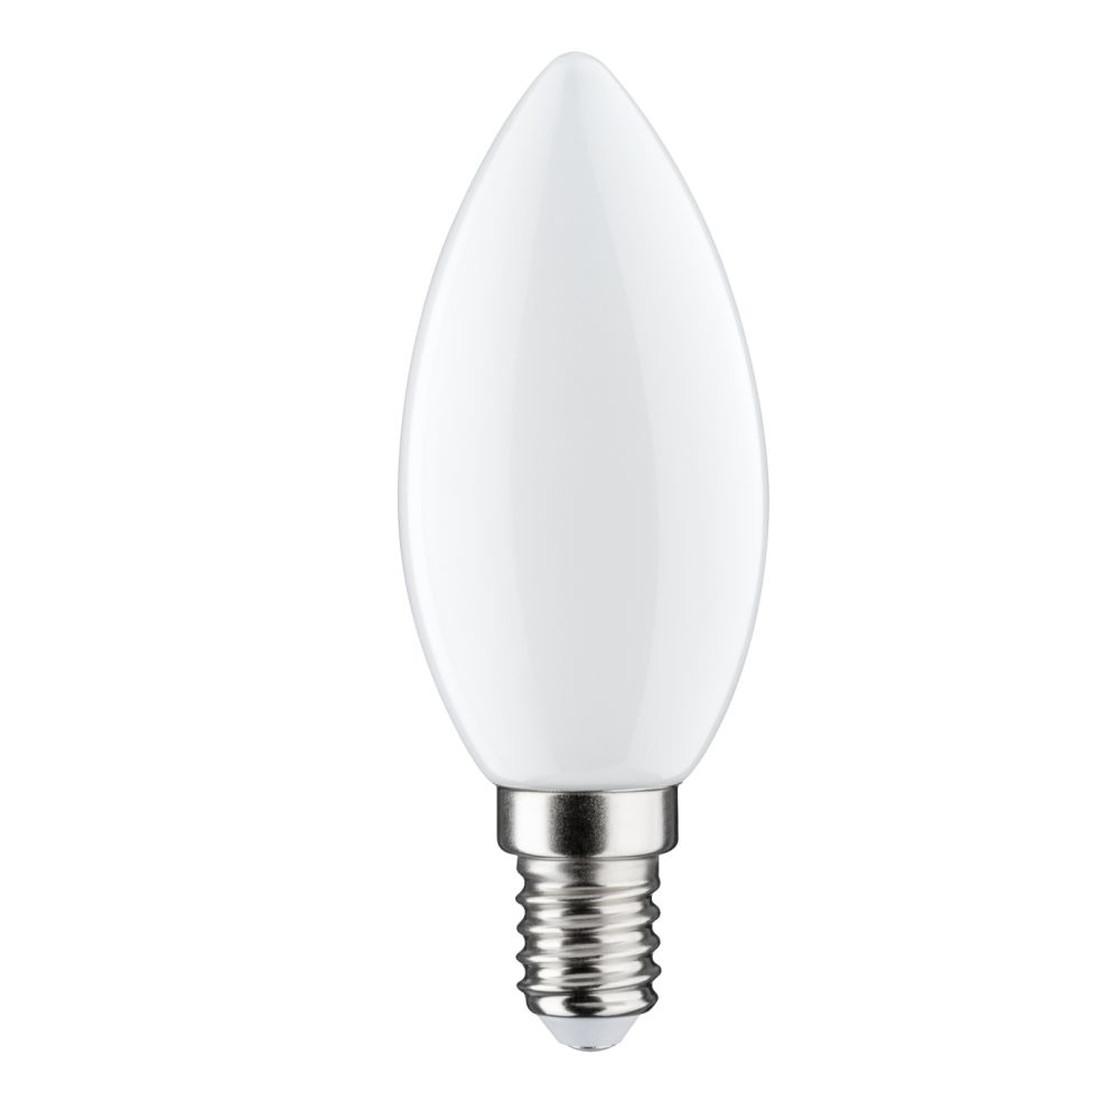 paulmann led kerze lampe birne 2 5w e14 opal warmwei 2700k 23 3 99. Black Bedroom Furniture Sets. Home Design Ideas